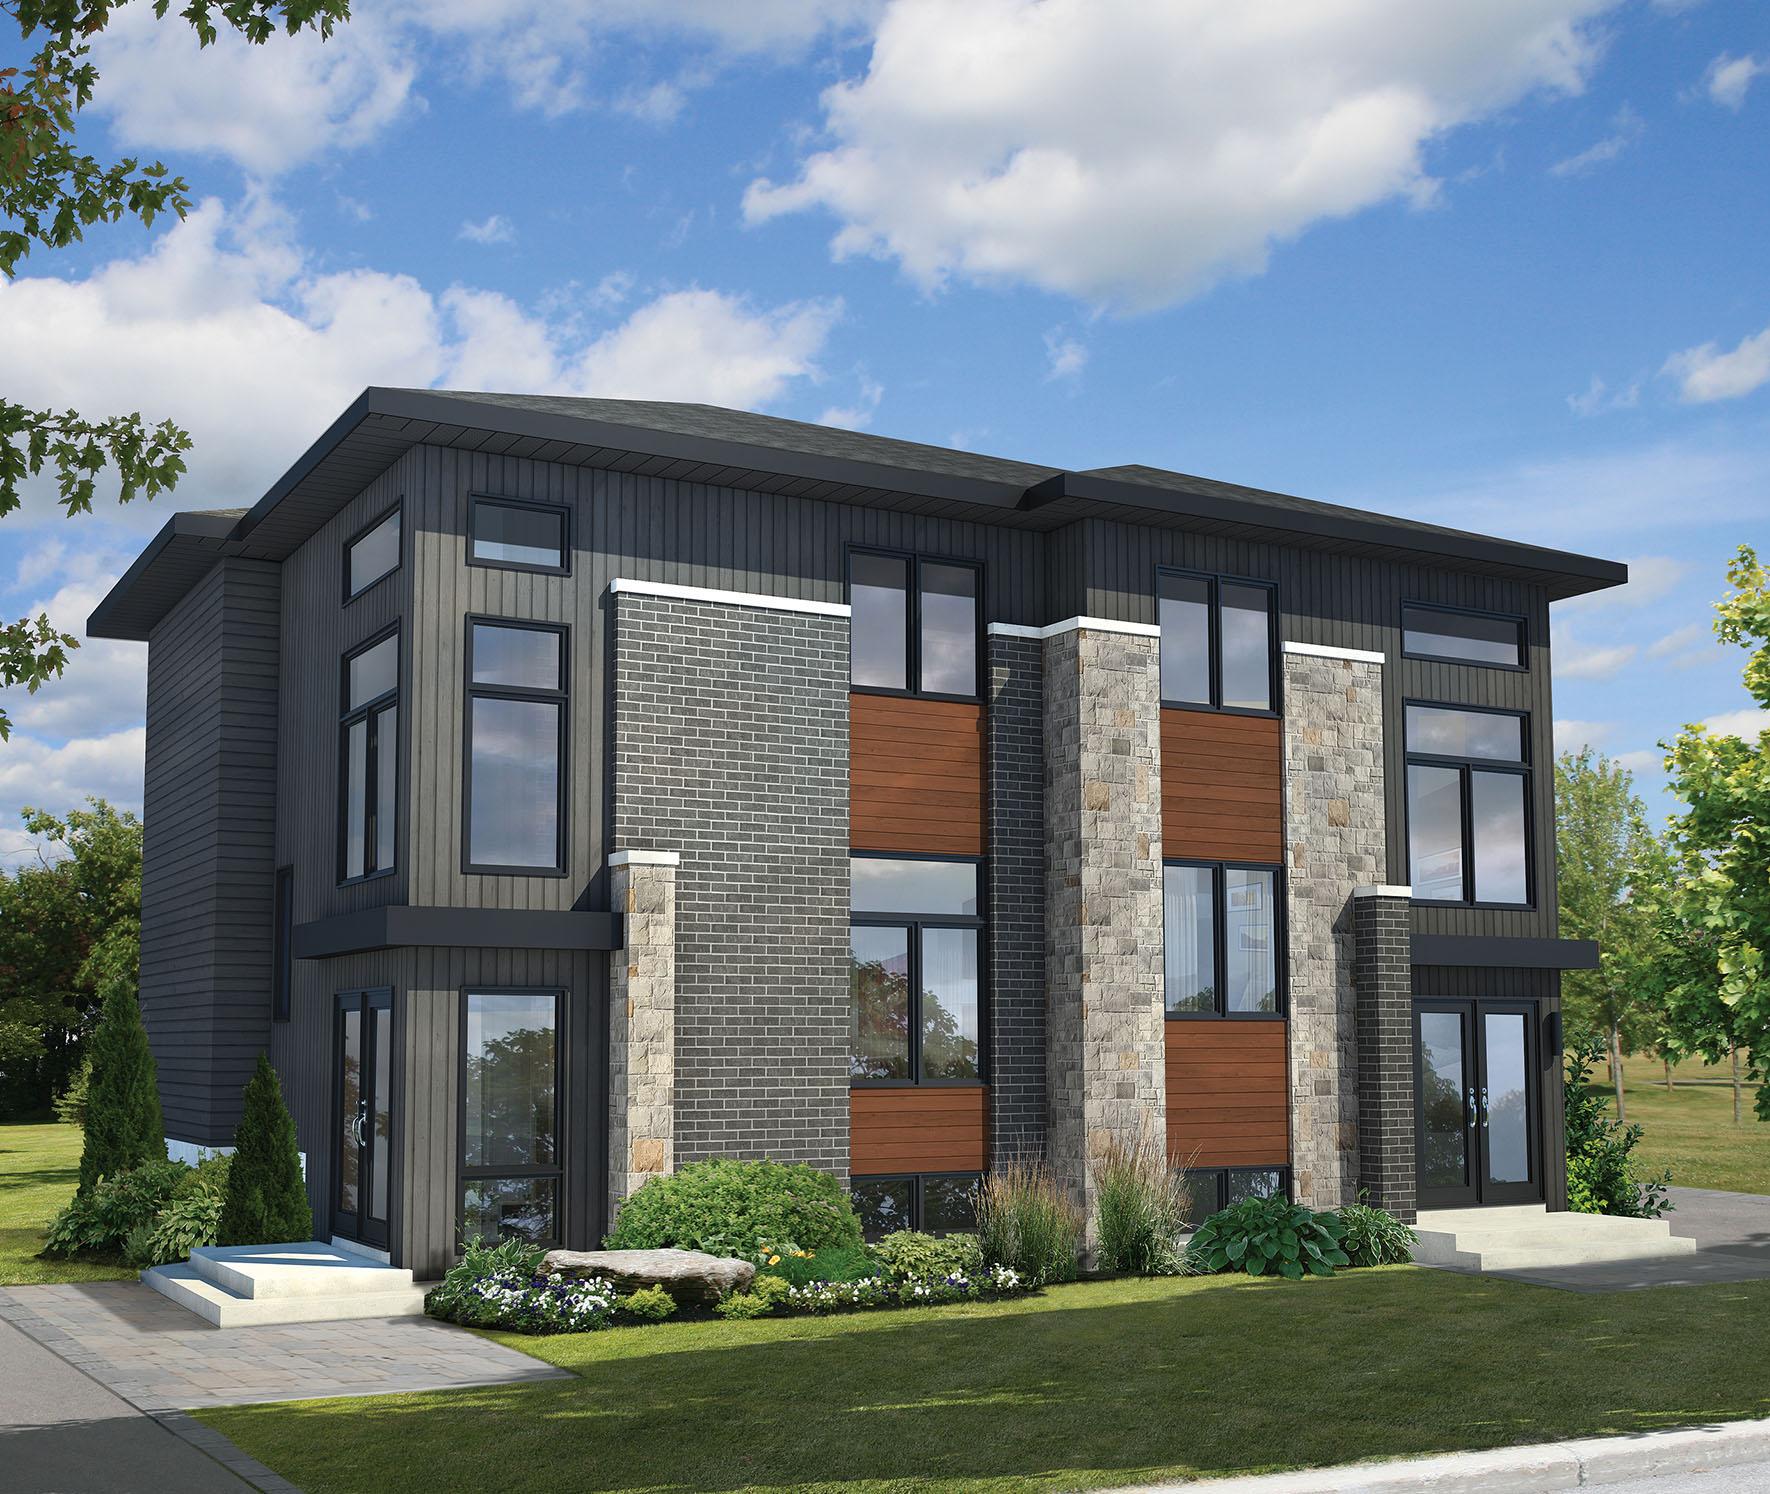 New House Design Plans: Multi-Family Modern - 80781PM